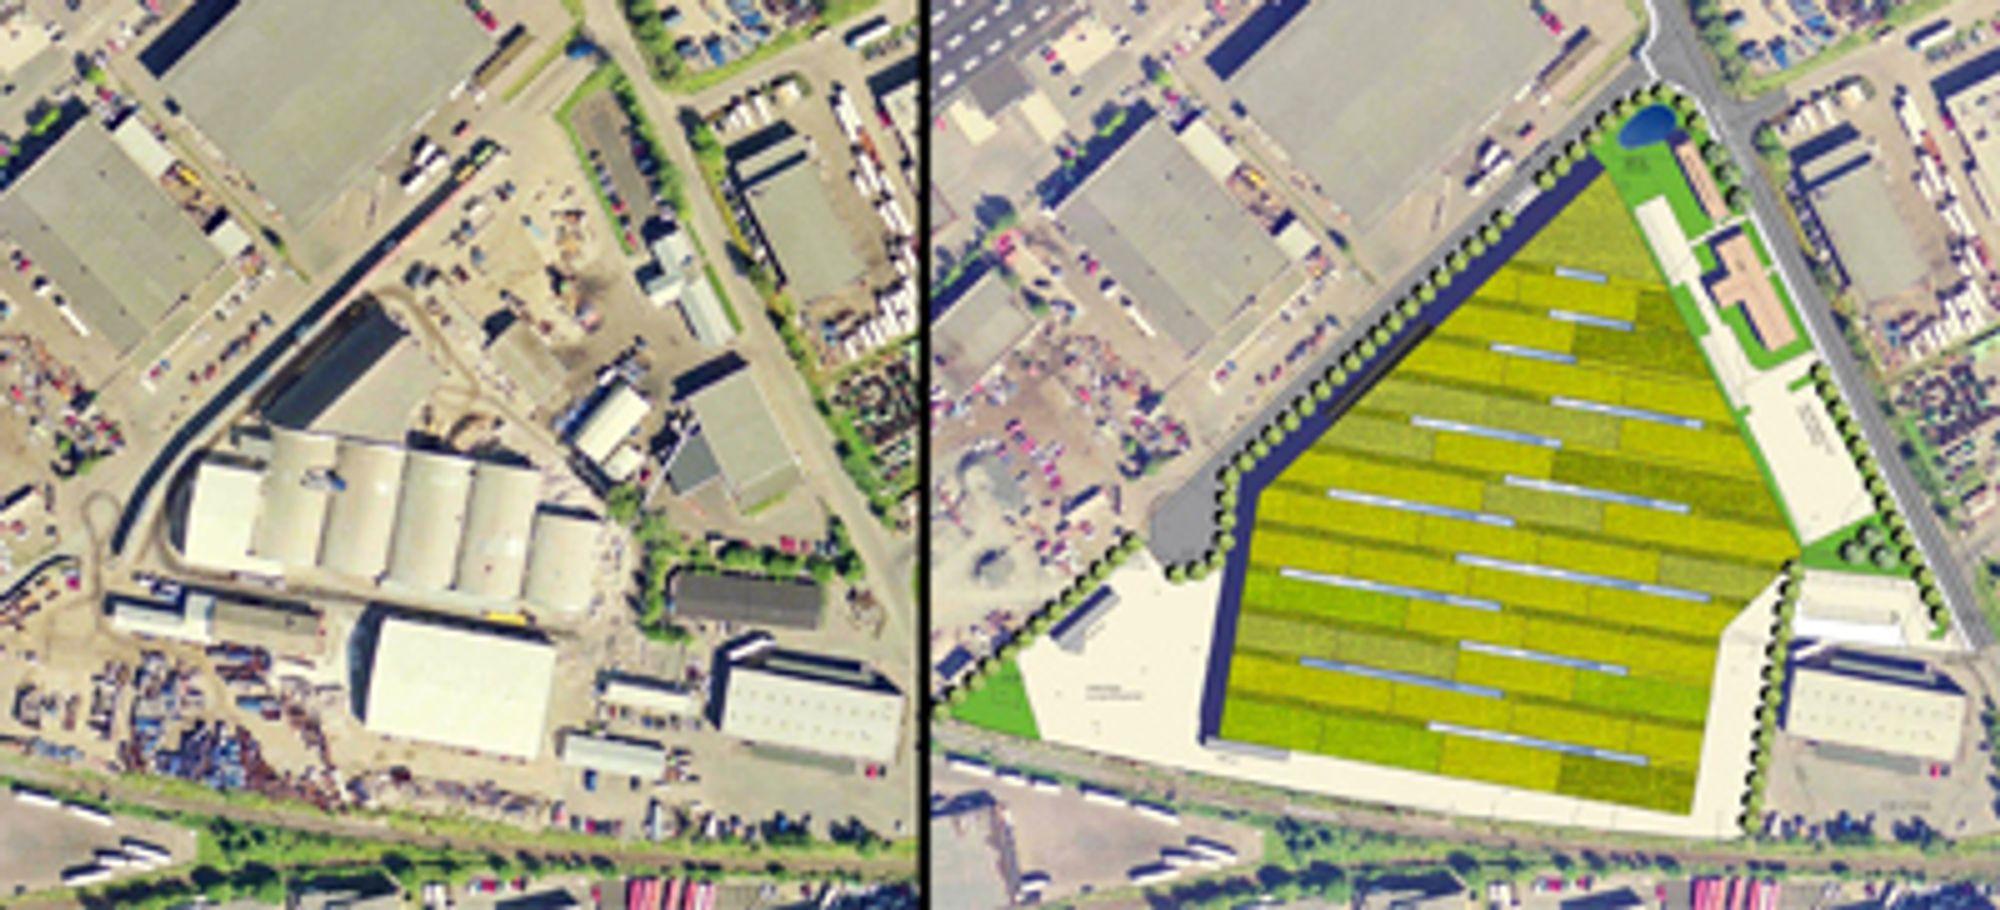 FØR OG ETTER: Flyfotoet av tomten der Veilias miljøanlegg ligger var en del av vinnerutkastet til Arkitektkontoret GASA. Til venstre ser vi hvordan området var - helt uten grønt - og til høyre en manipulasjon som viser bygget med grønt tak.